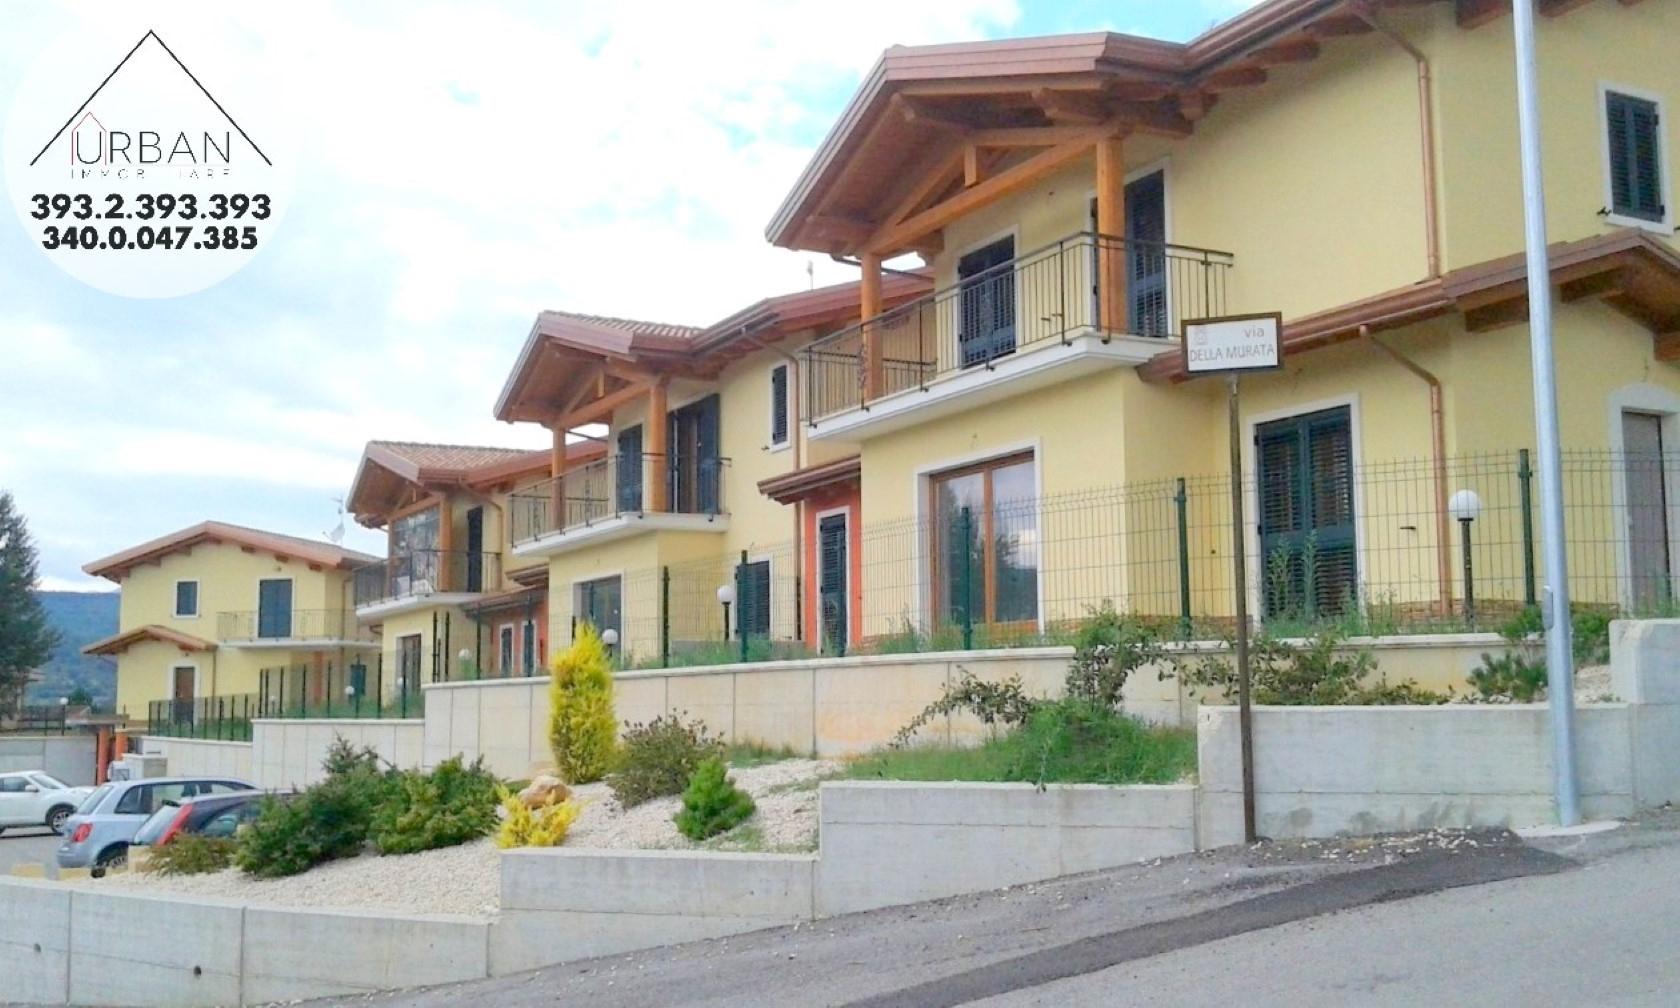 PIZZOLI (AQ) - Villa Perilli